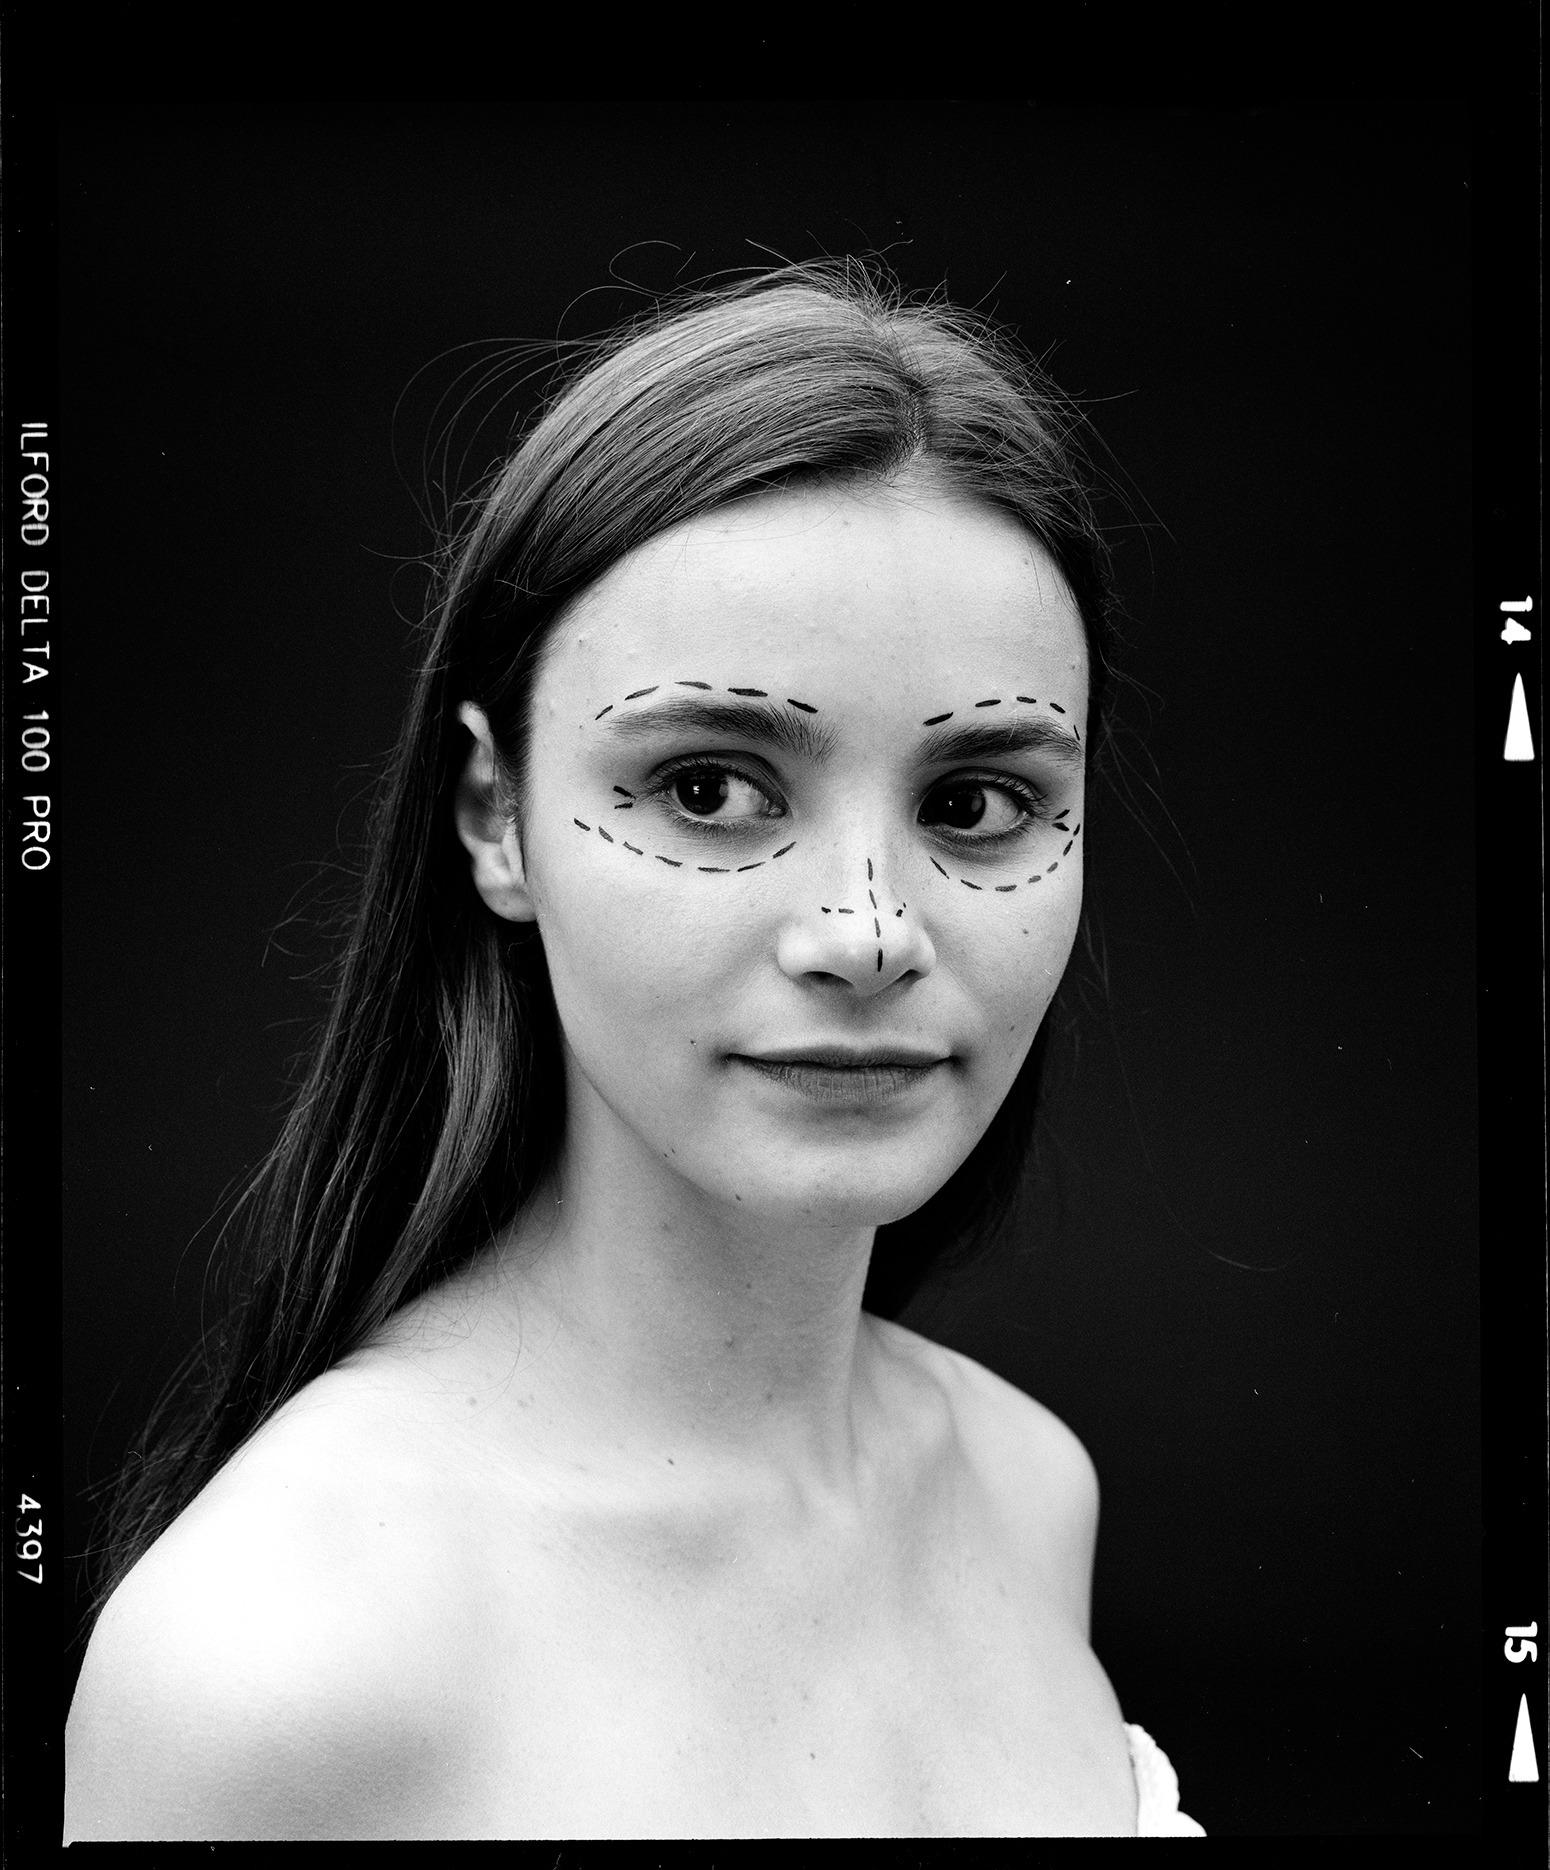 Portraitfotografie straubmuellerstudios Backen